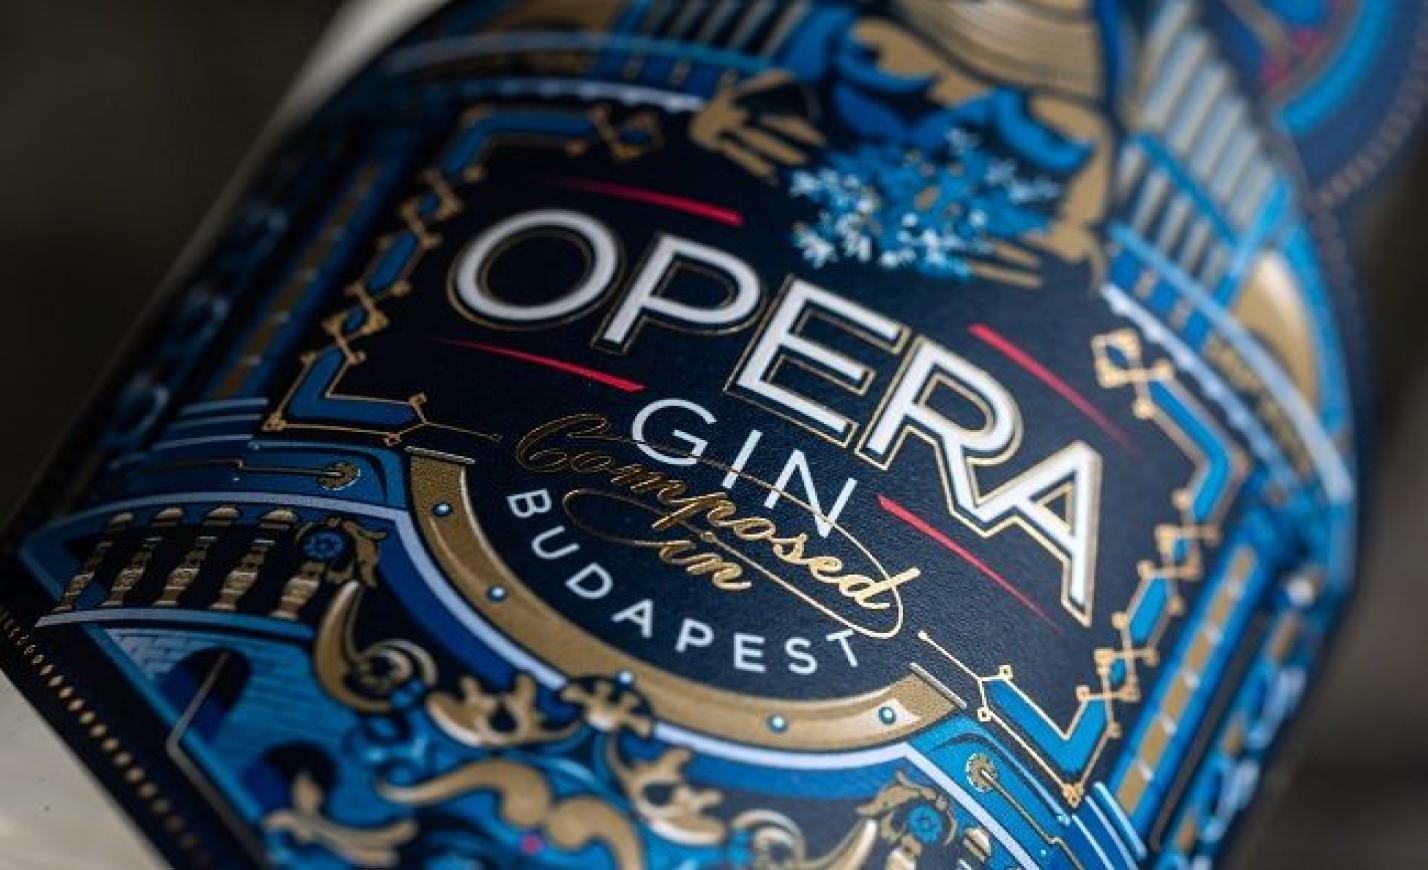 Red Dot Awarddal jutalmazták a Graphaselt az Opera Ginnek tervezett arculatért